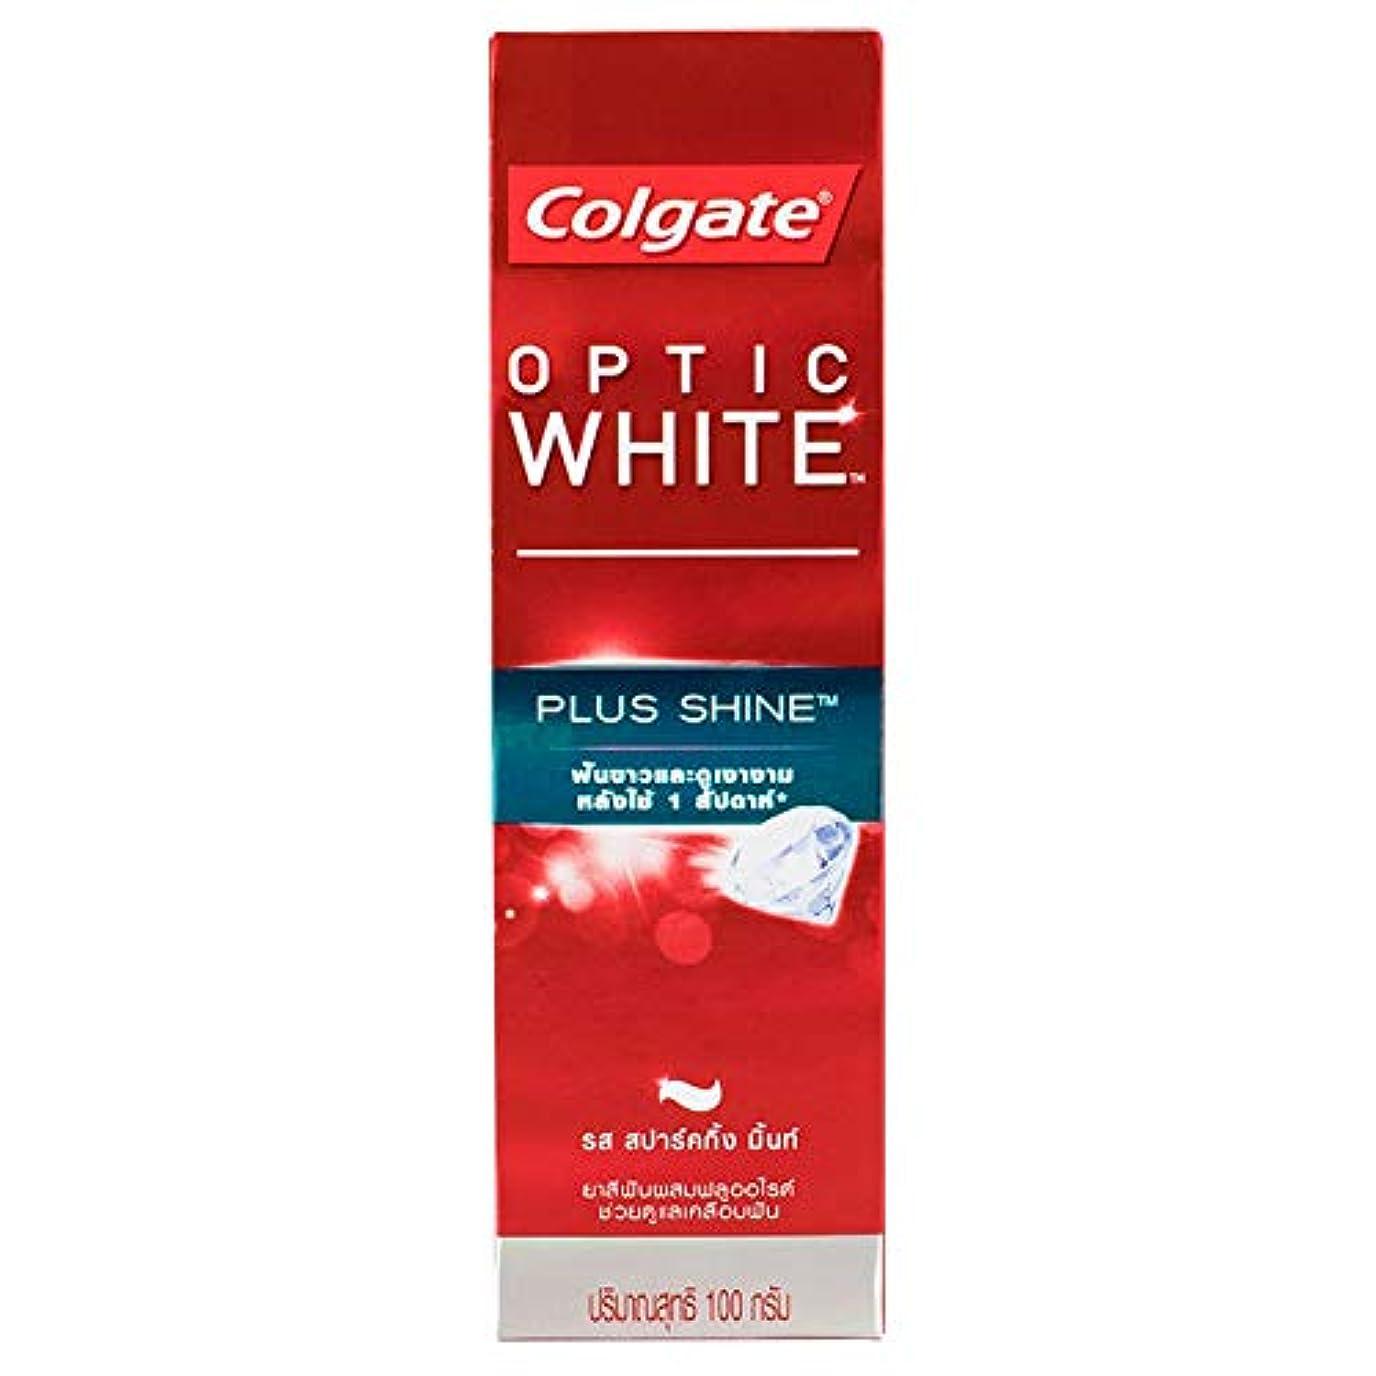 タイトルにんじん抜け目がない(コルゲート)Colgate 歯磨き粉 「オプティック ホワイト 」 (プラス シャイン)